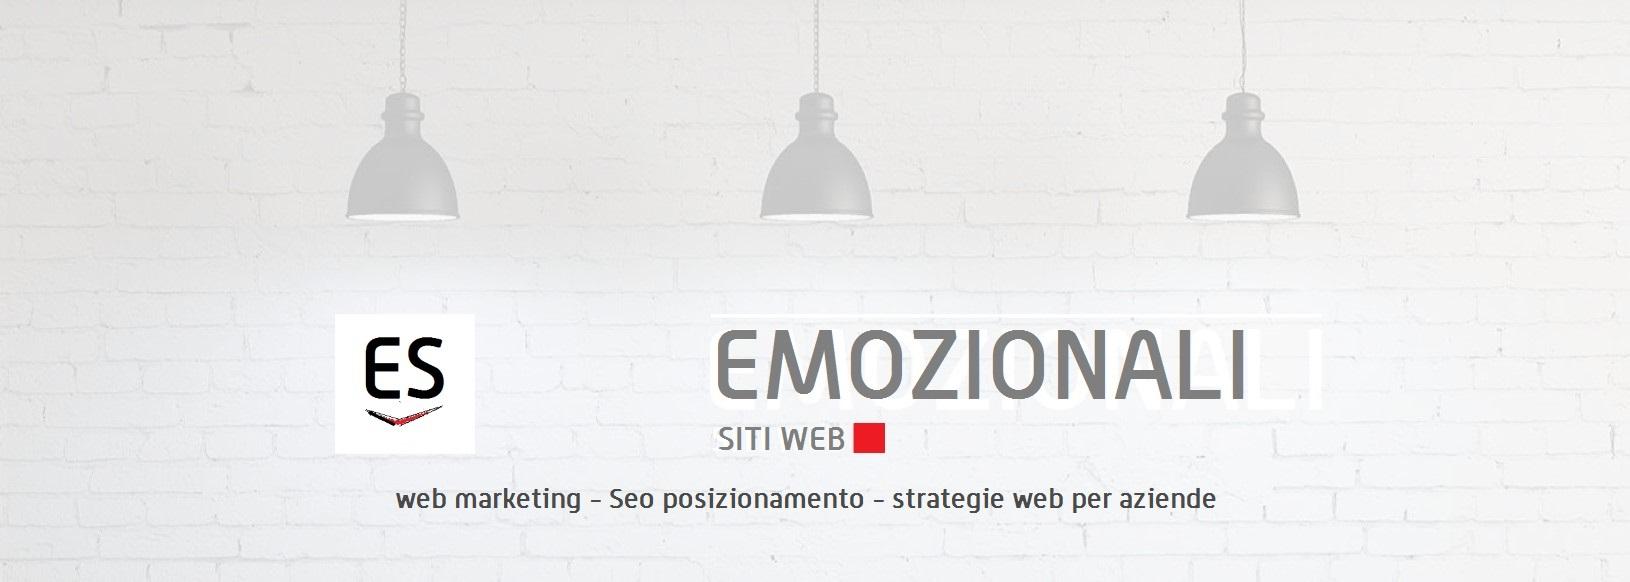 realizzazione siti web Monza